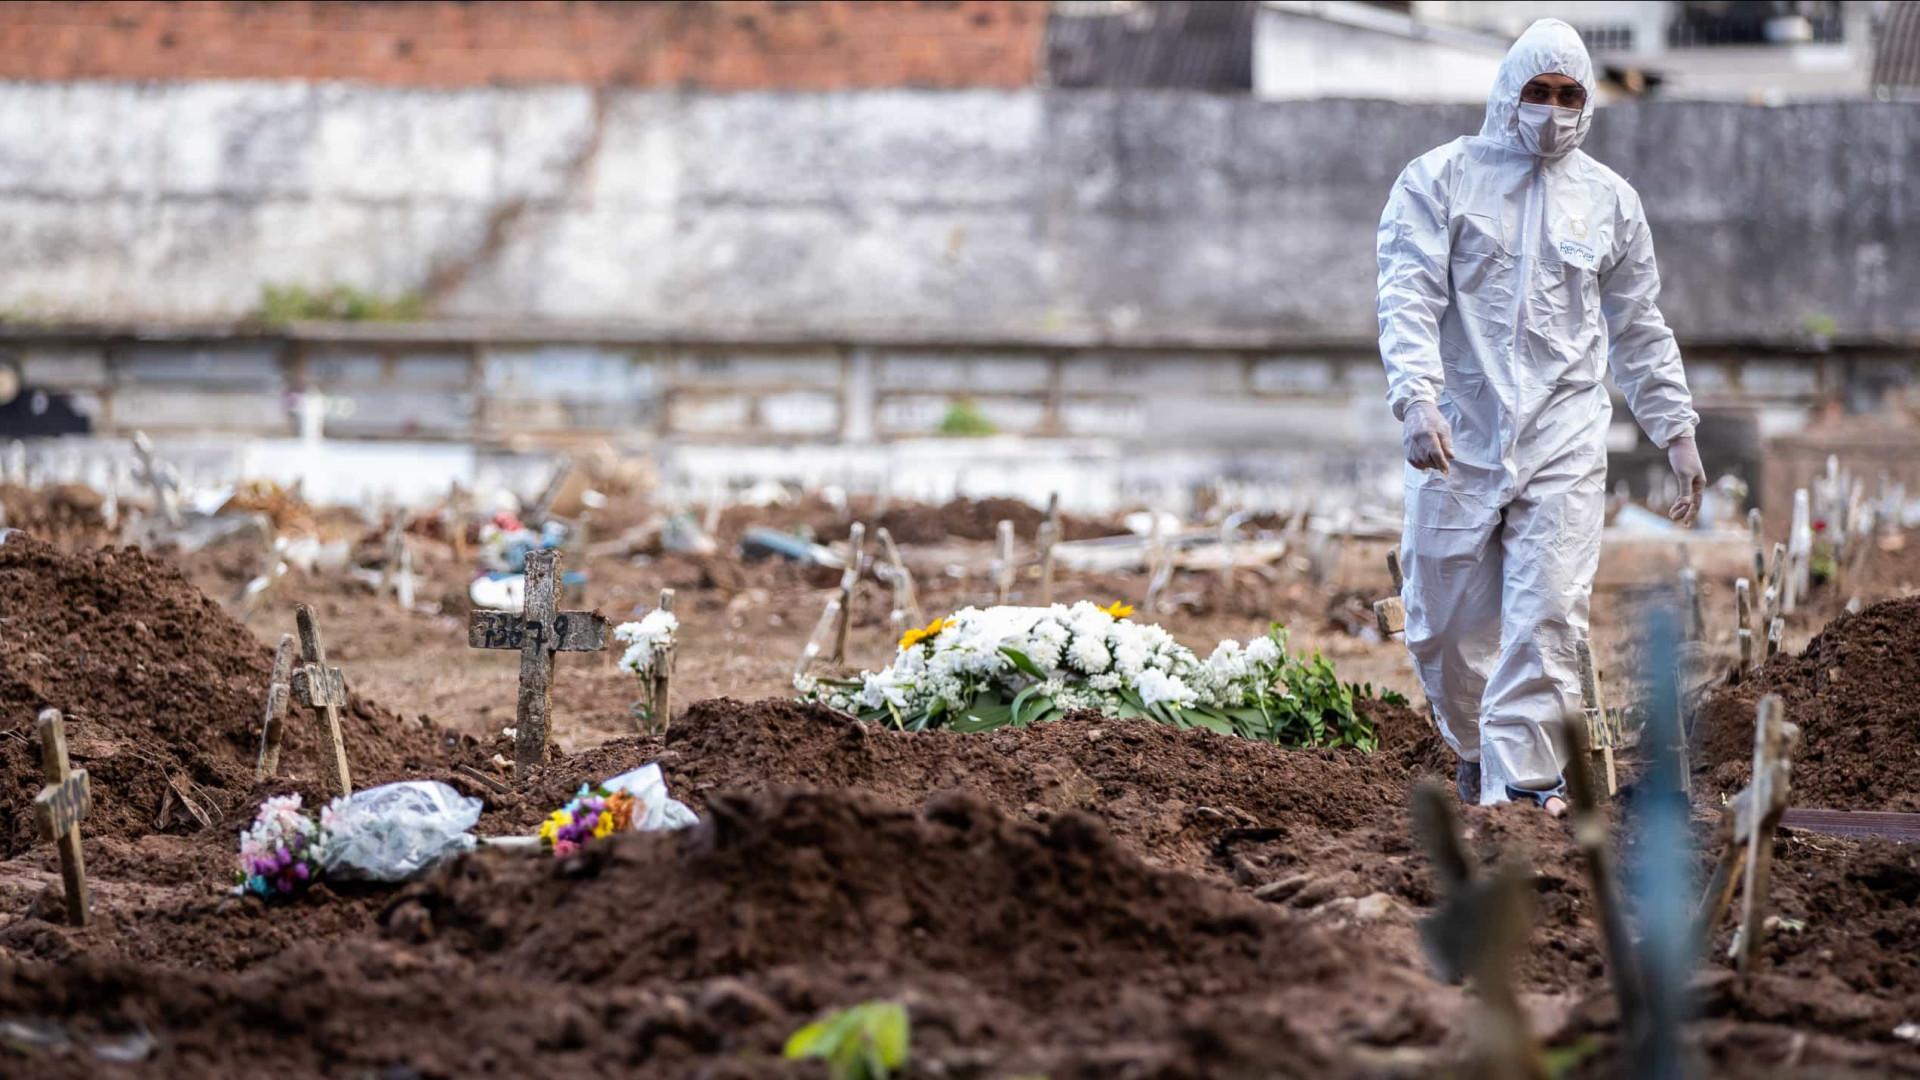 Brasil registra novo recorde diário com 2.286 mortes por Covid-19